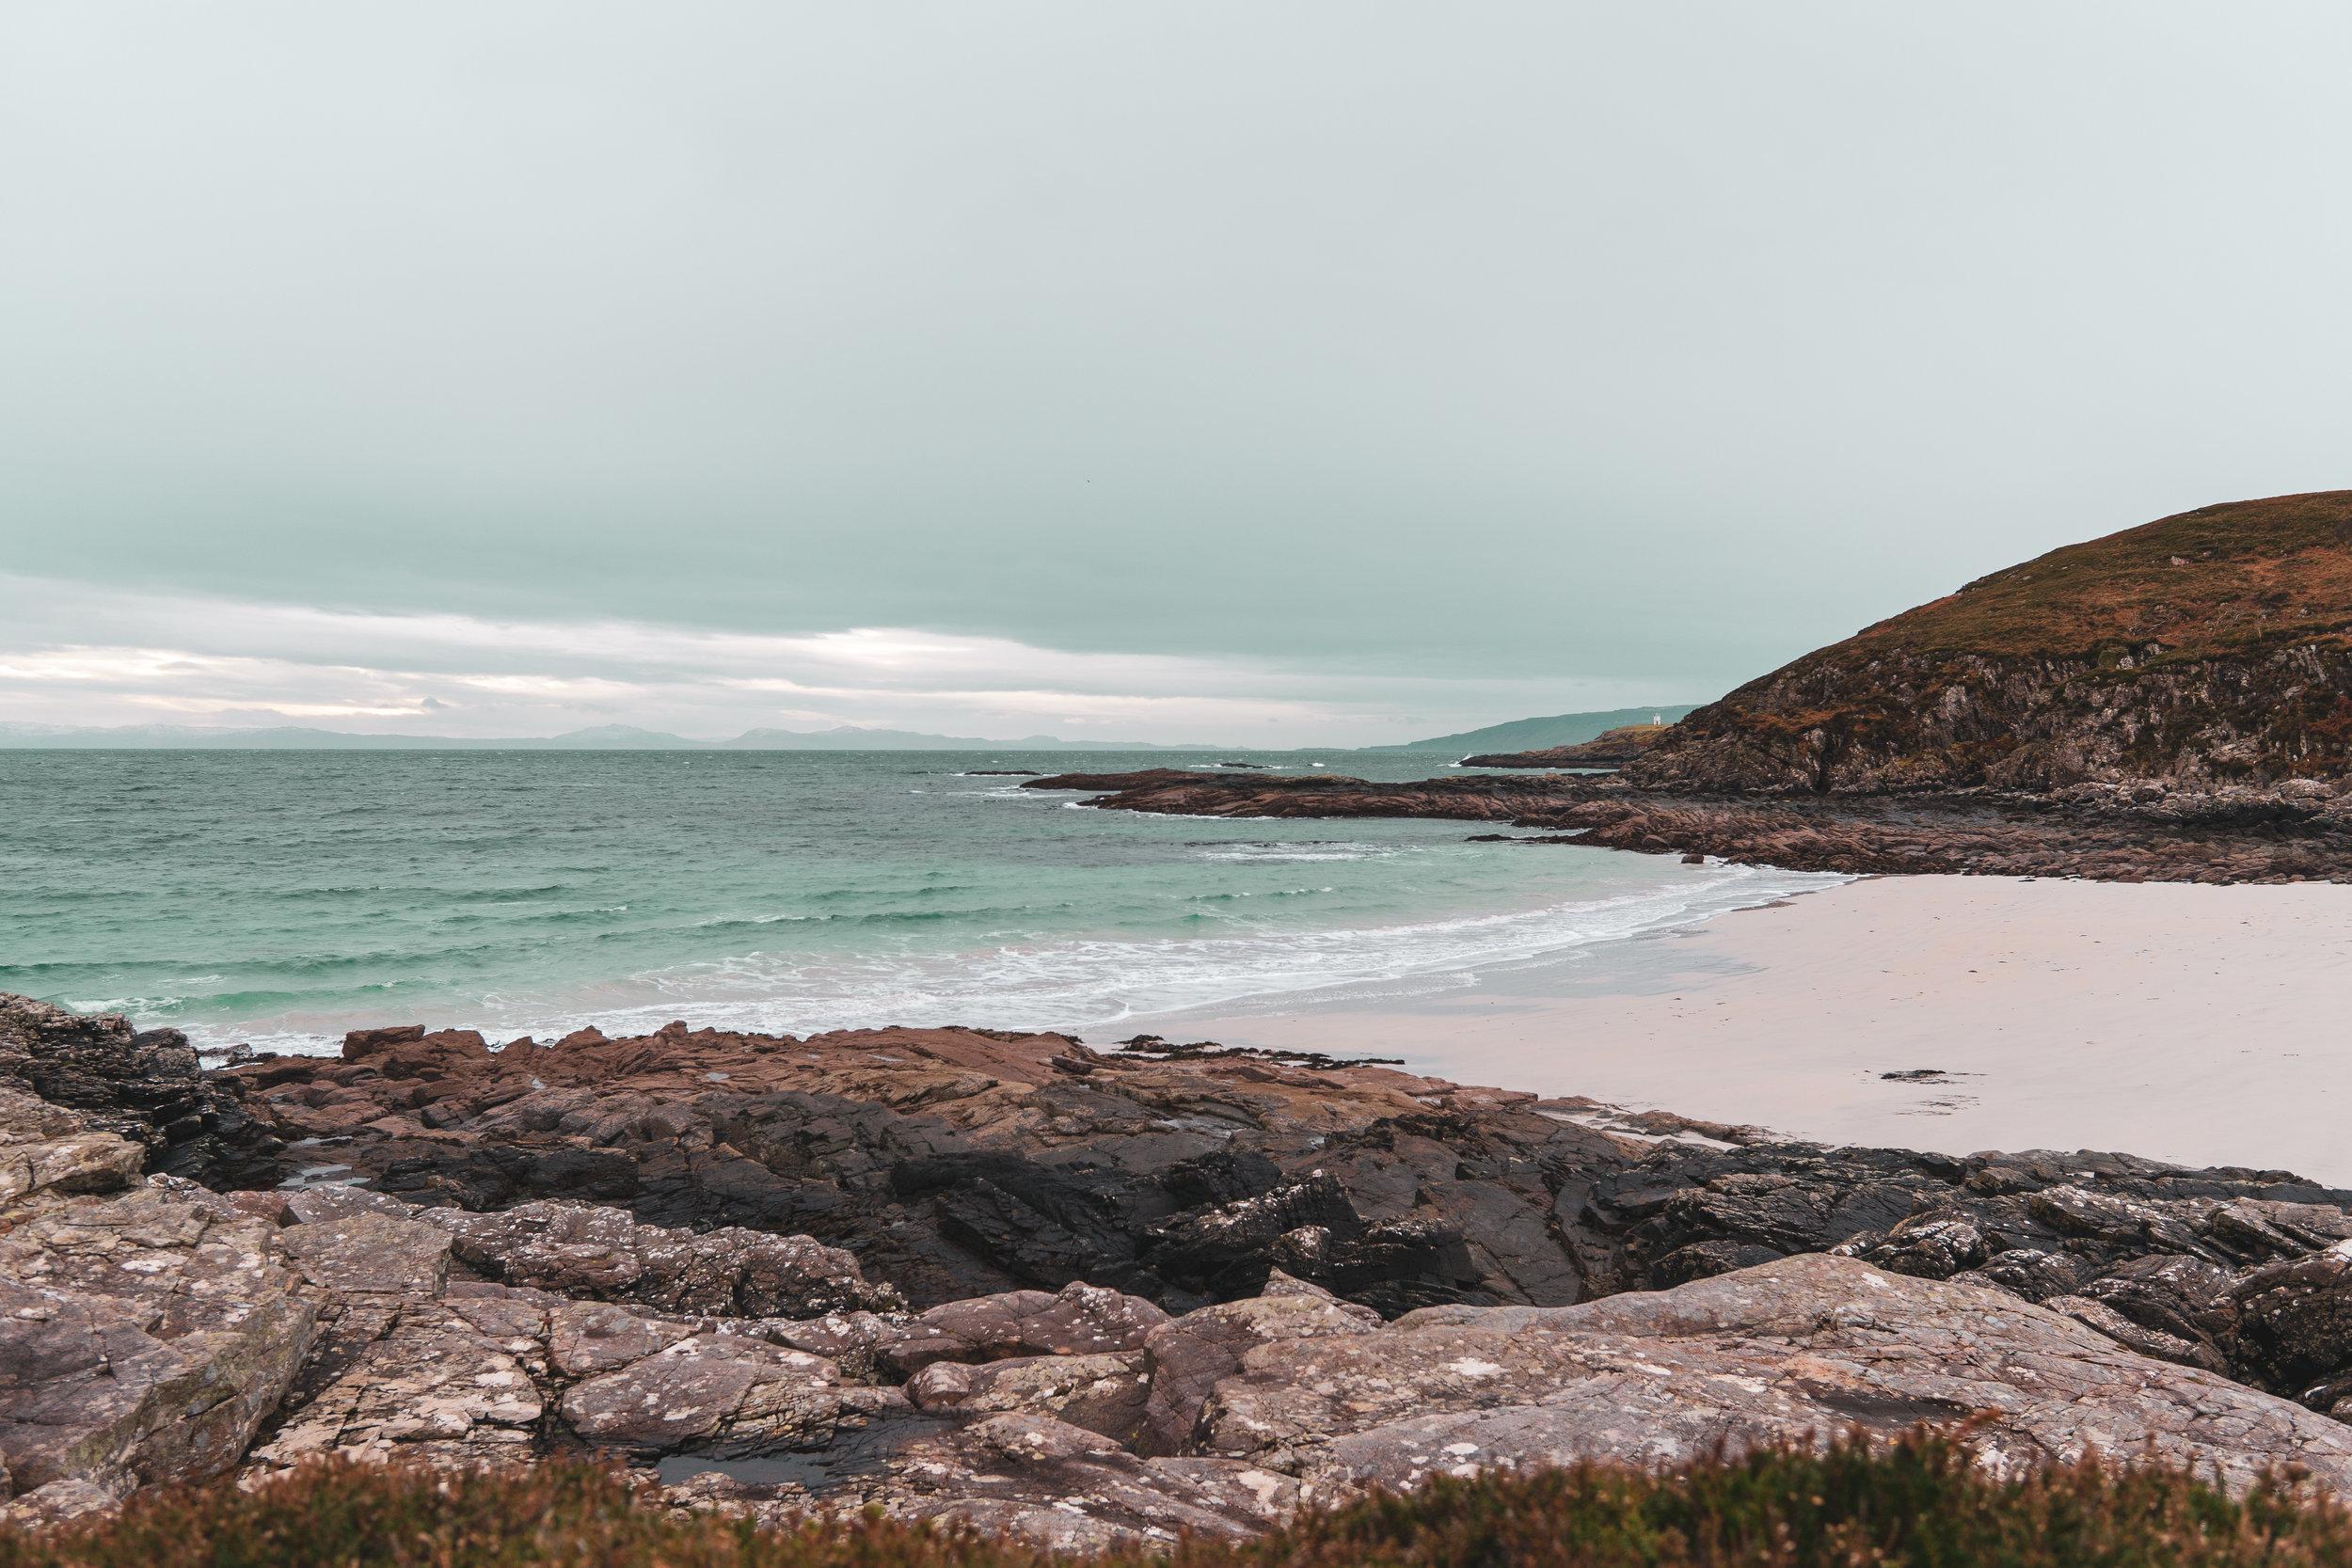 Isle-of-Skye-Point-of-Sleat (6).jpg